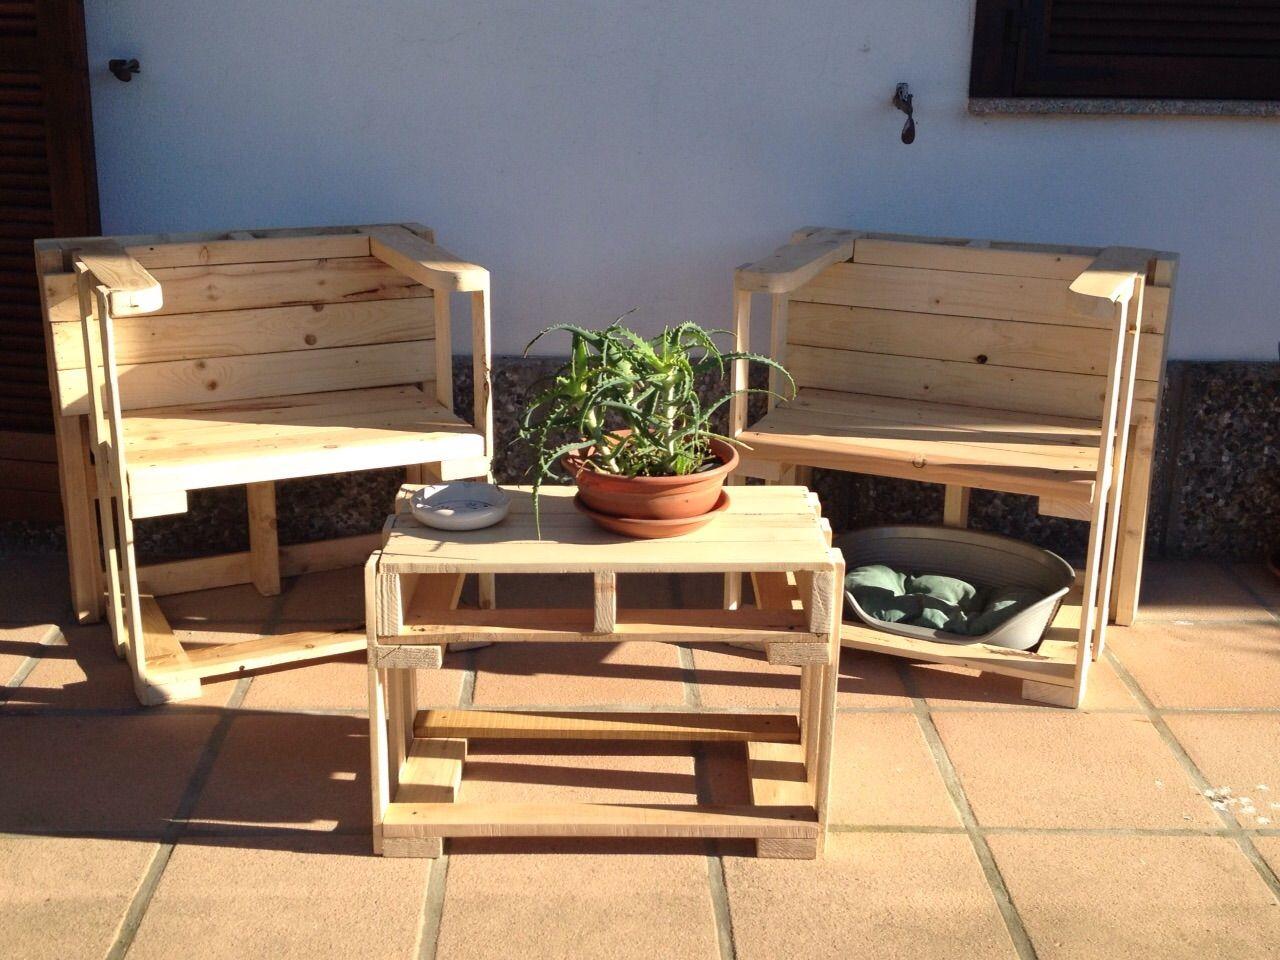 Arredo bancali perfect tavolo con pallet riciclato for Bancali per arredamento